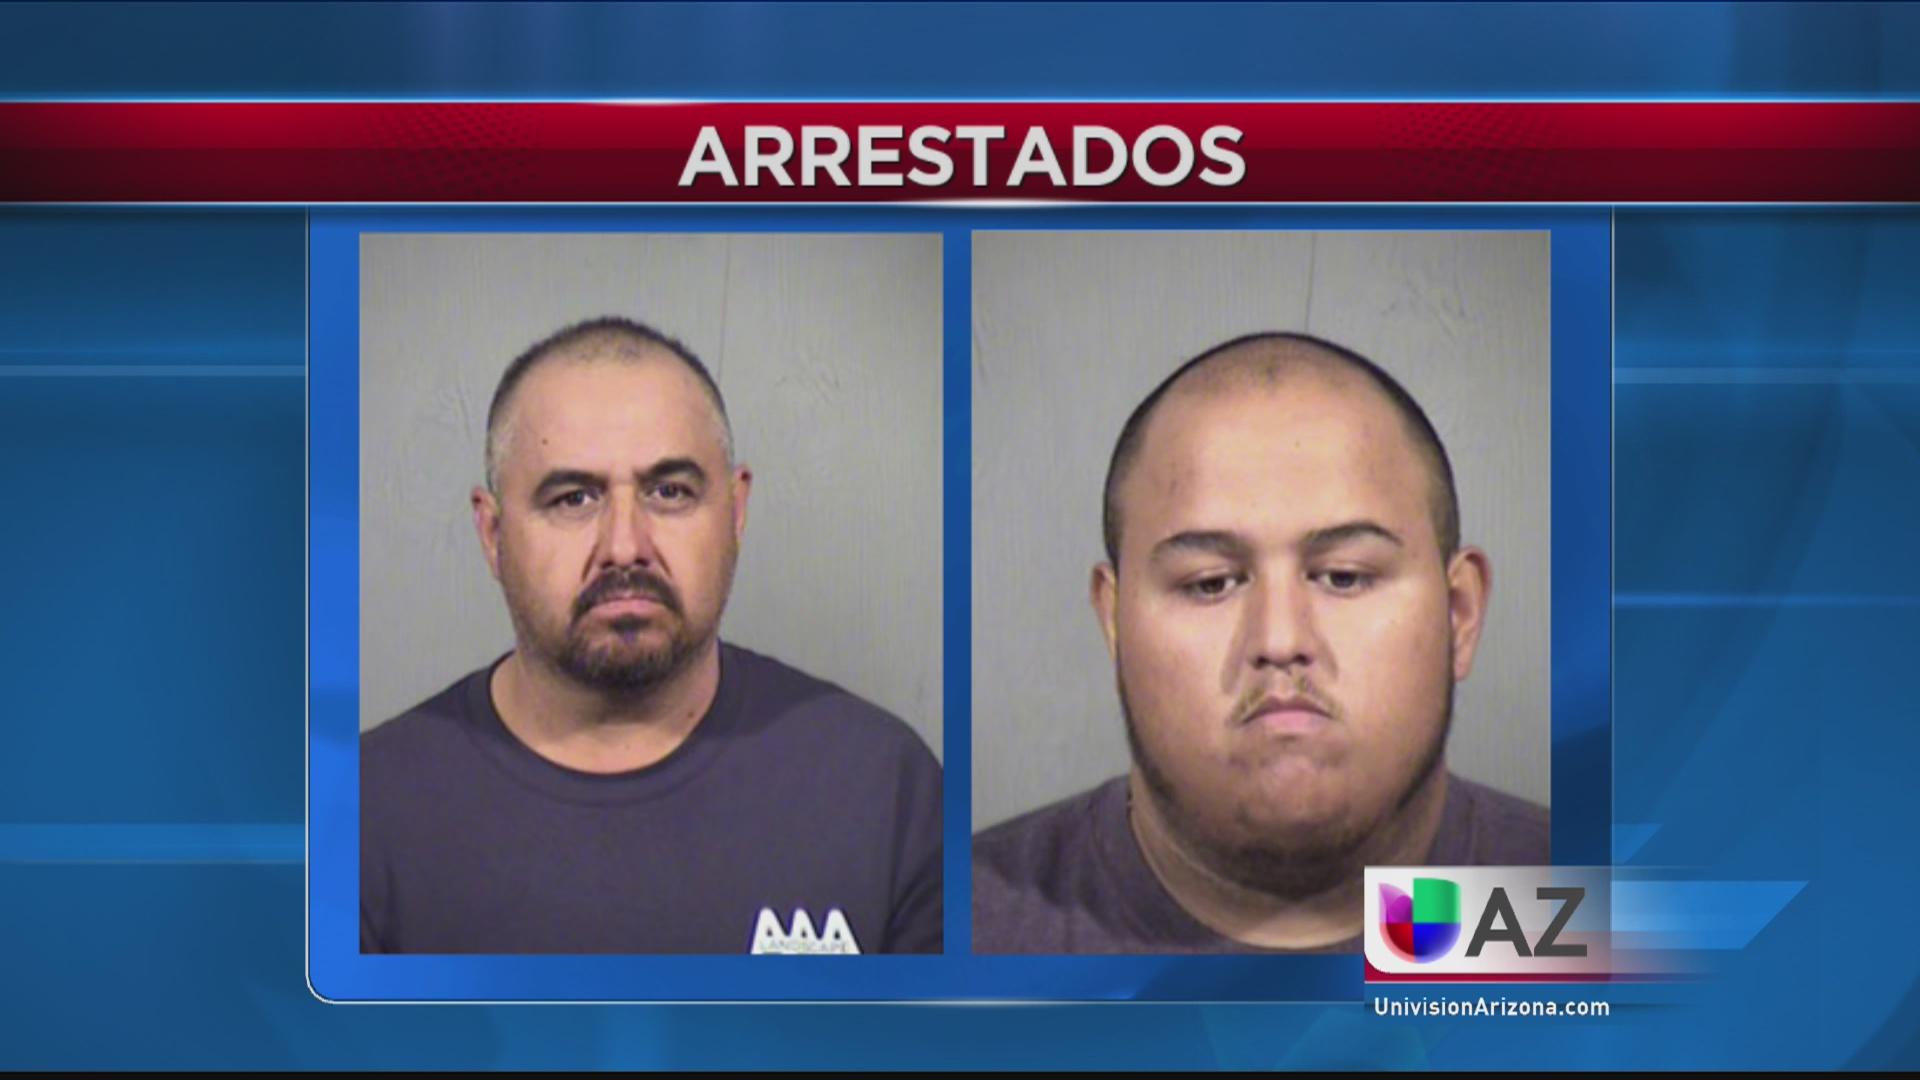 Arrestan a dos familiares de sospechoso descrito como armado y peligroso